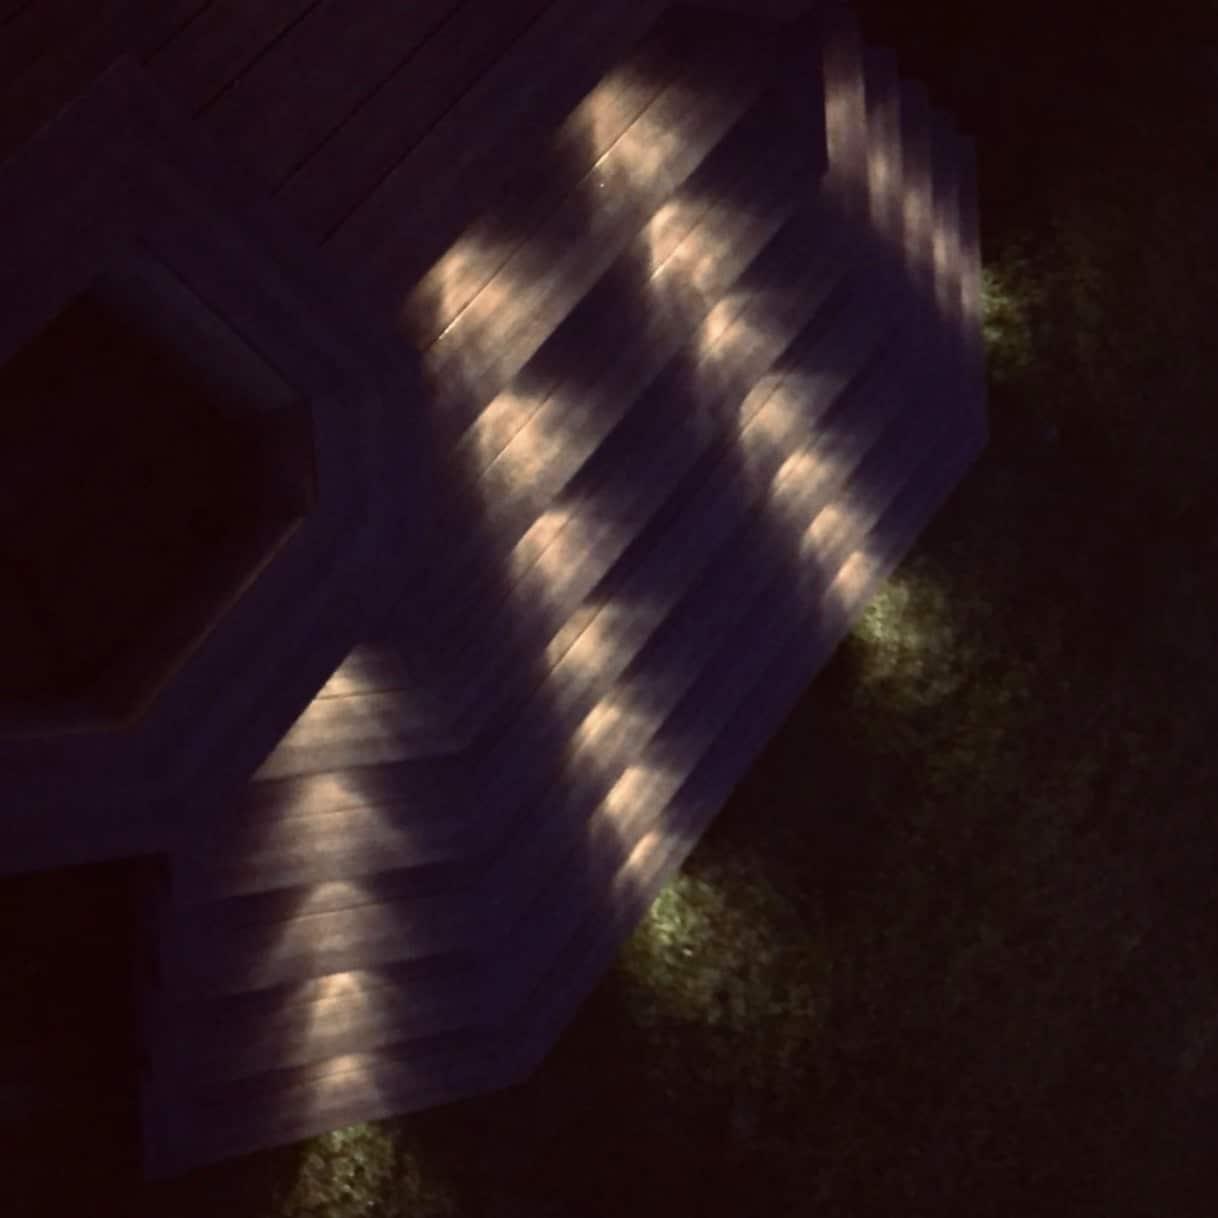 Upper view of composite deck incorporating outdoor lighting